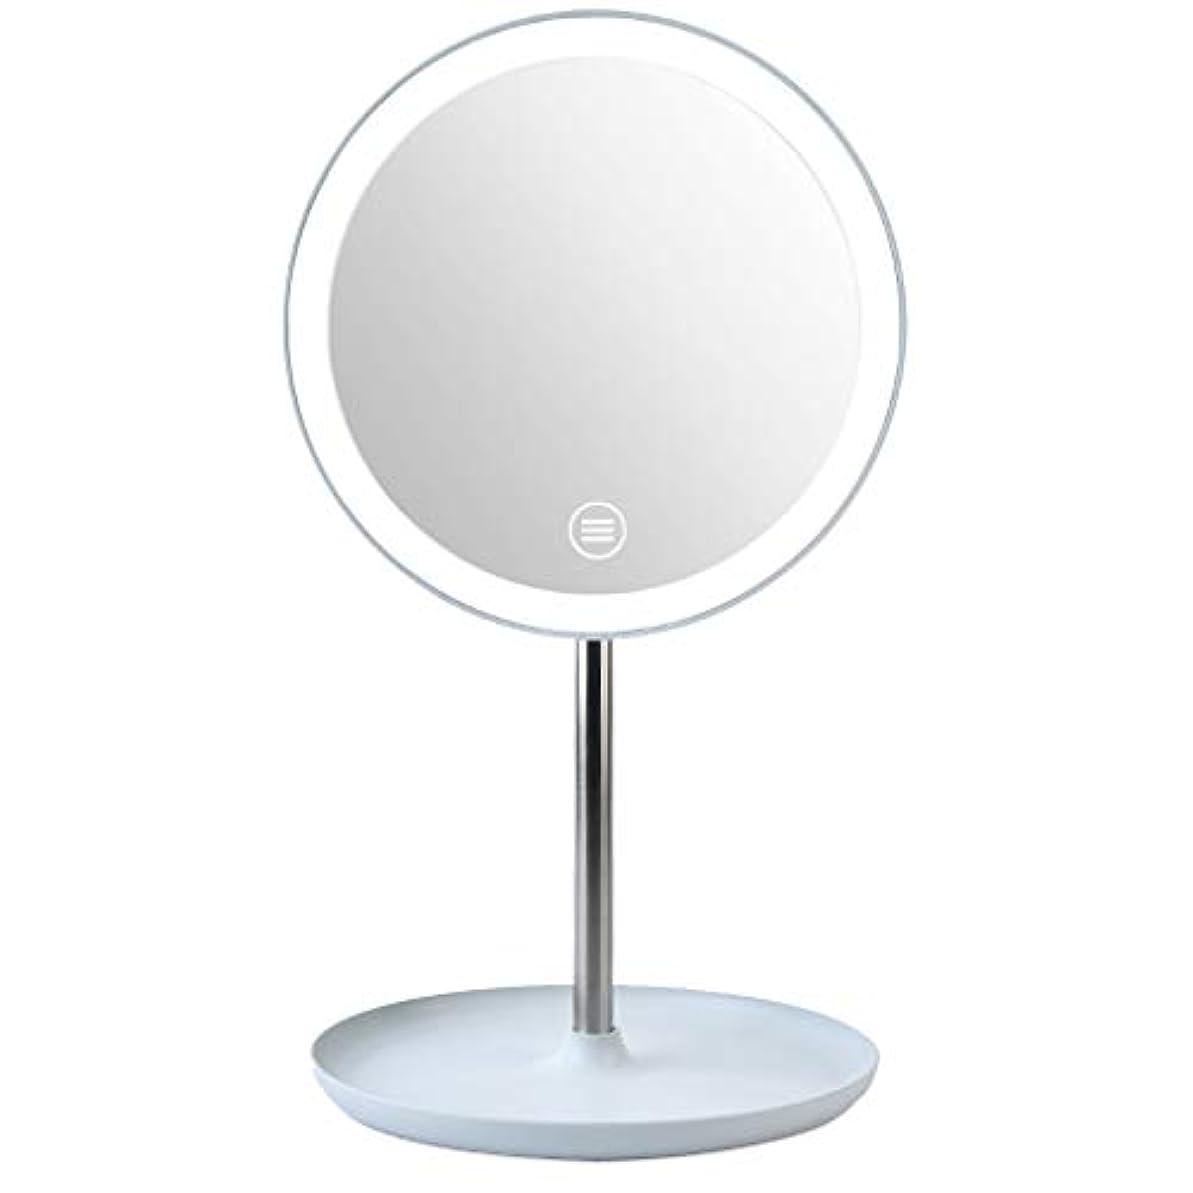 役割ガチョウシンプトンDream 化粧鏡 LED化粧鏡 化粧ミラー LEDライト付き 美容鏡 卓上鏡 浴室鏡 女優ミラー 3段階明るさ調節可能 180度回転 USB/電池給電 防水 円型 (ブルー)